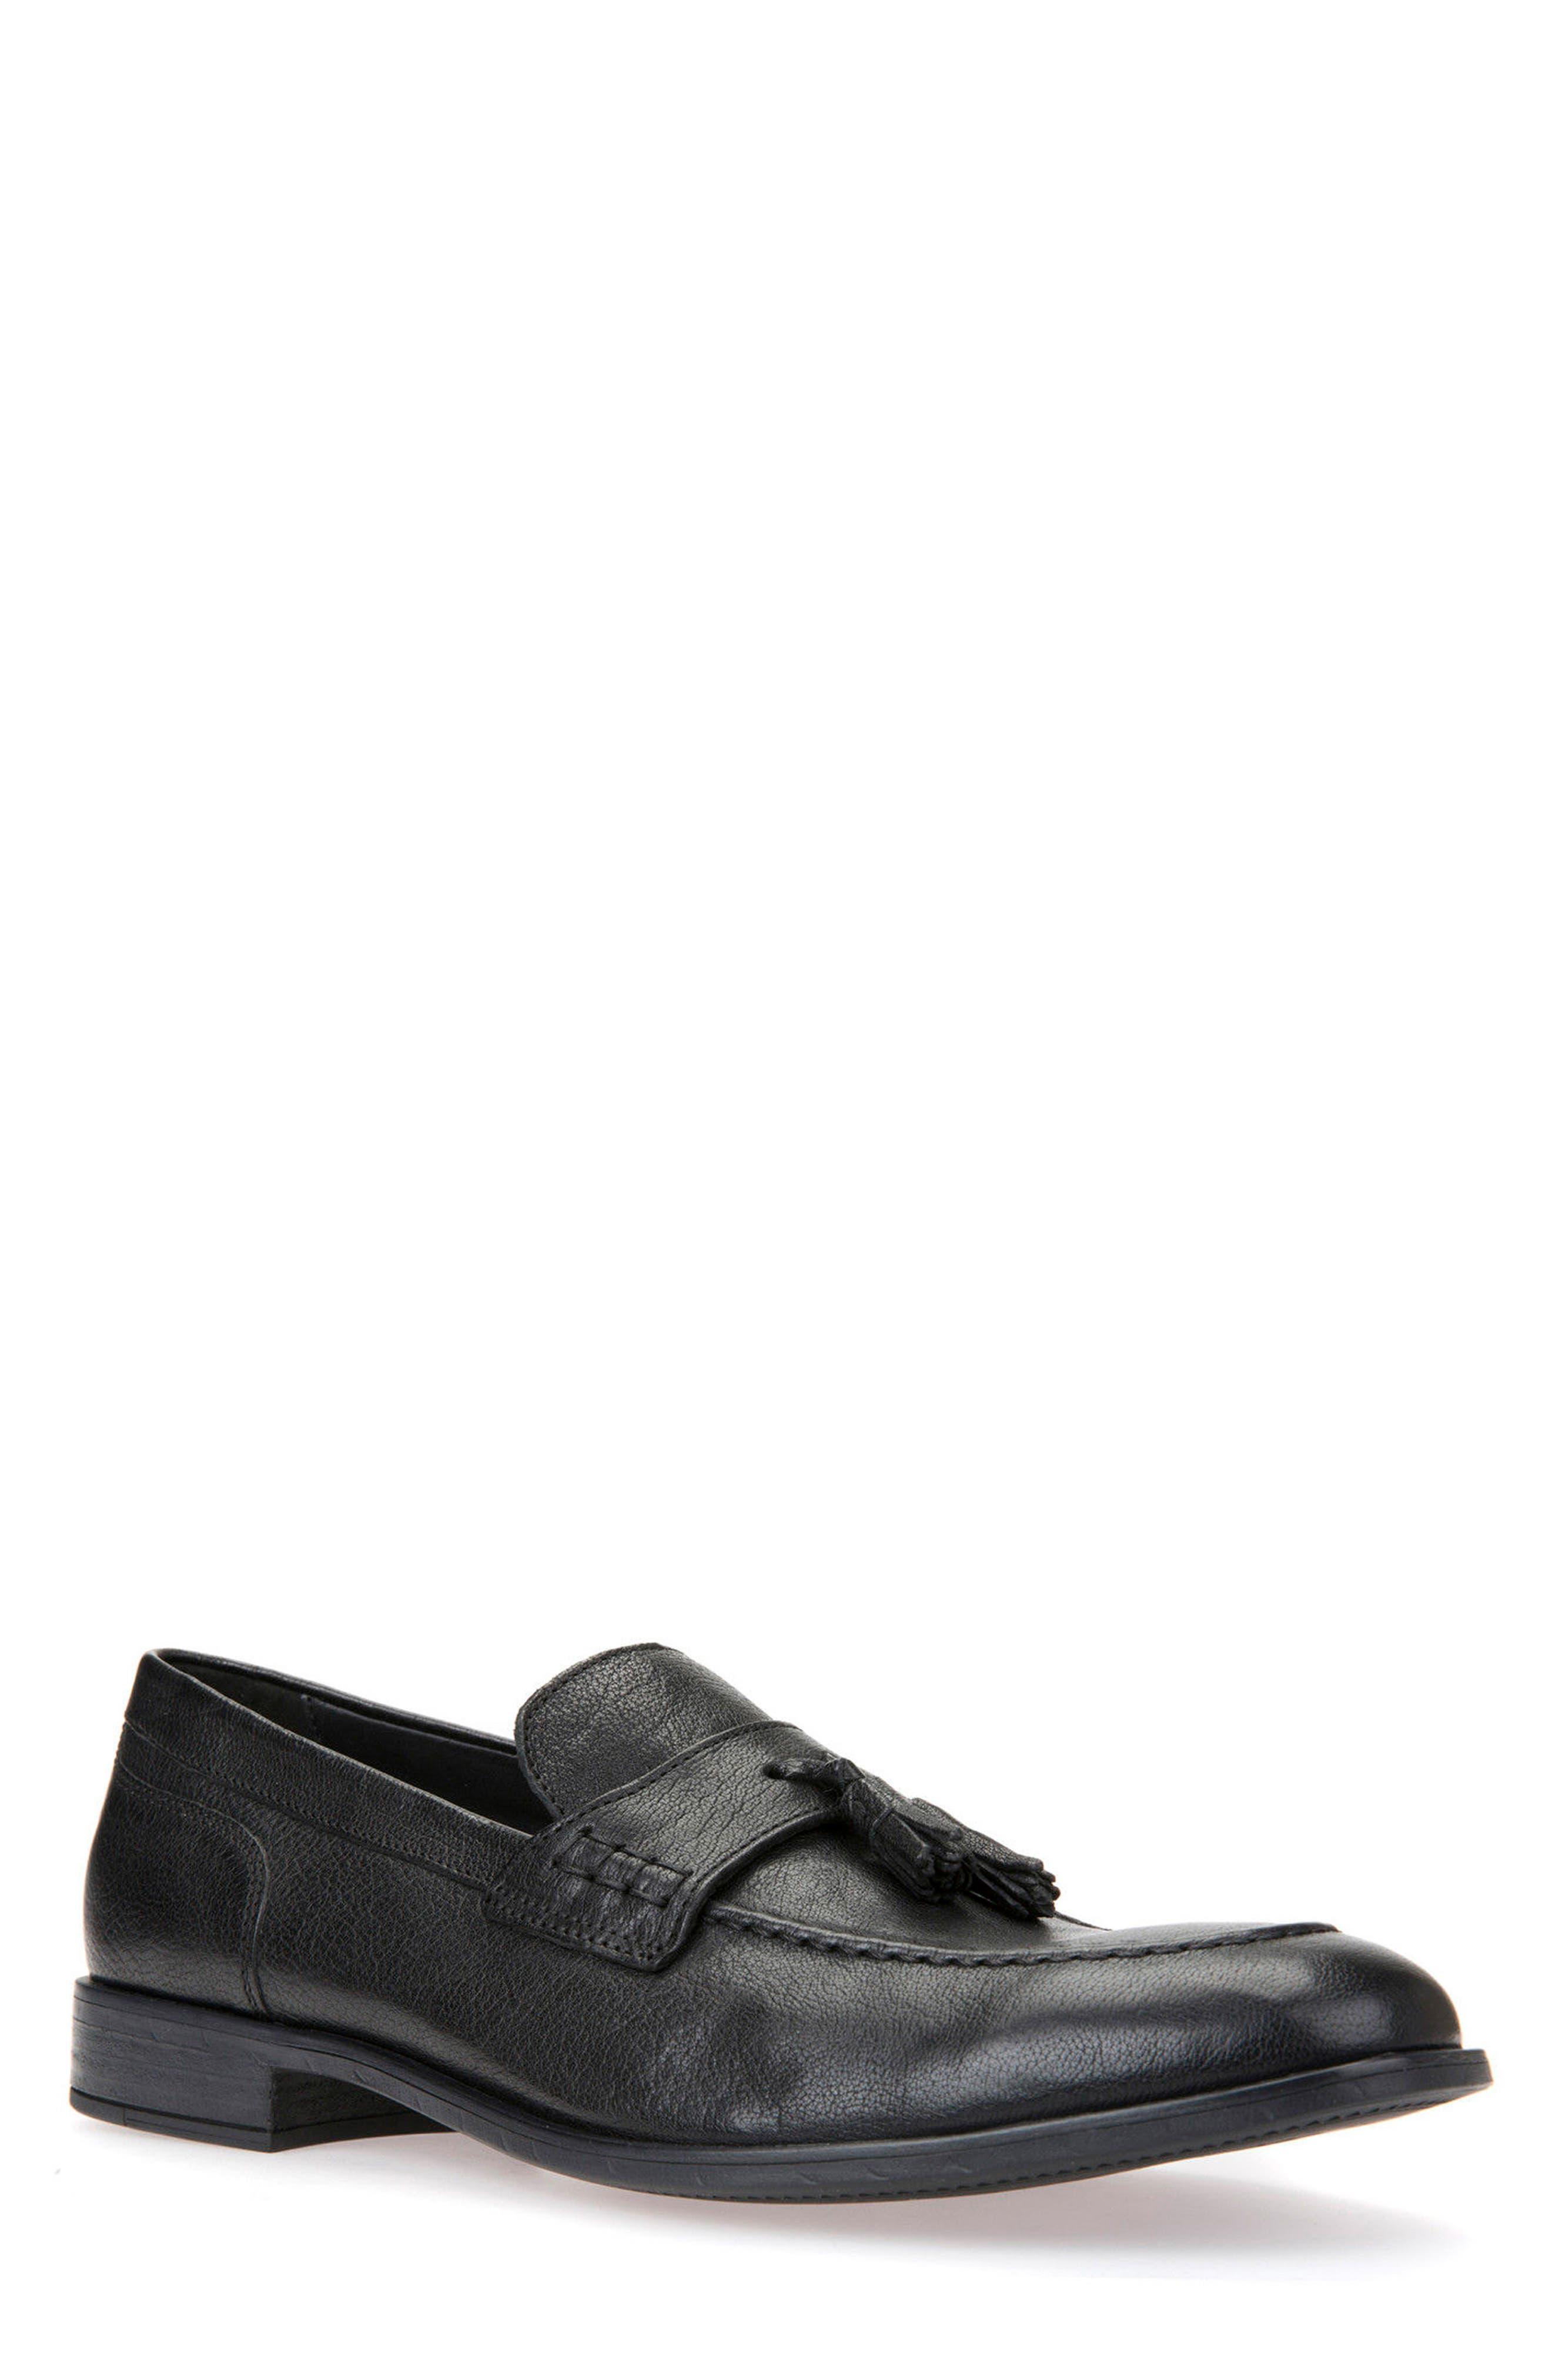 Bryceton 4 Tassel Loafer,                         Main,                         color, BLACK LEATHER